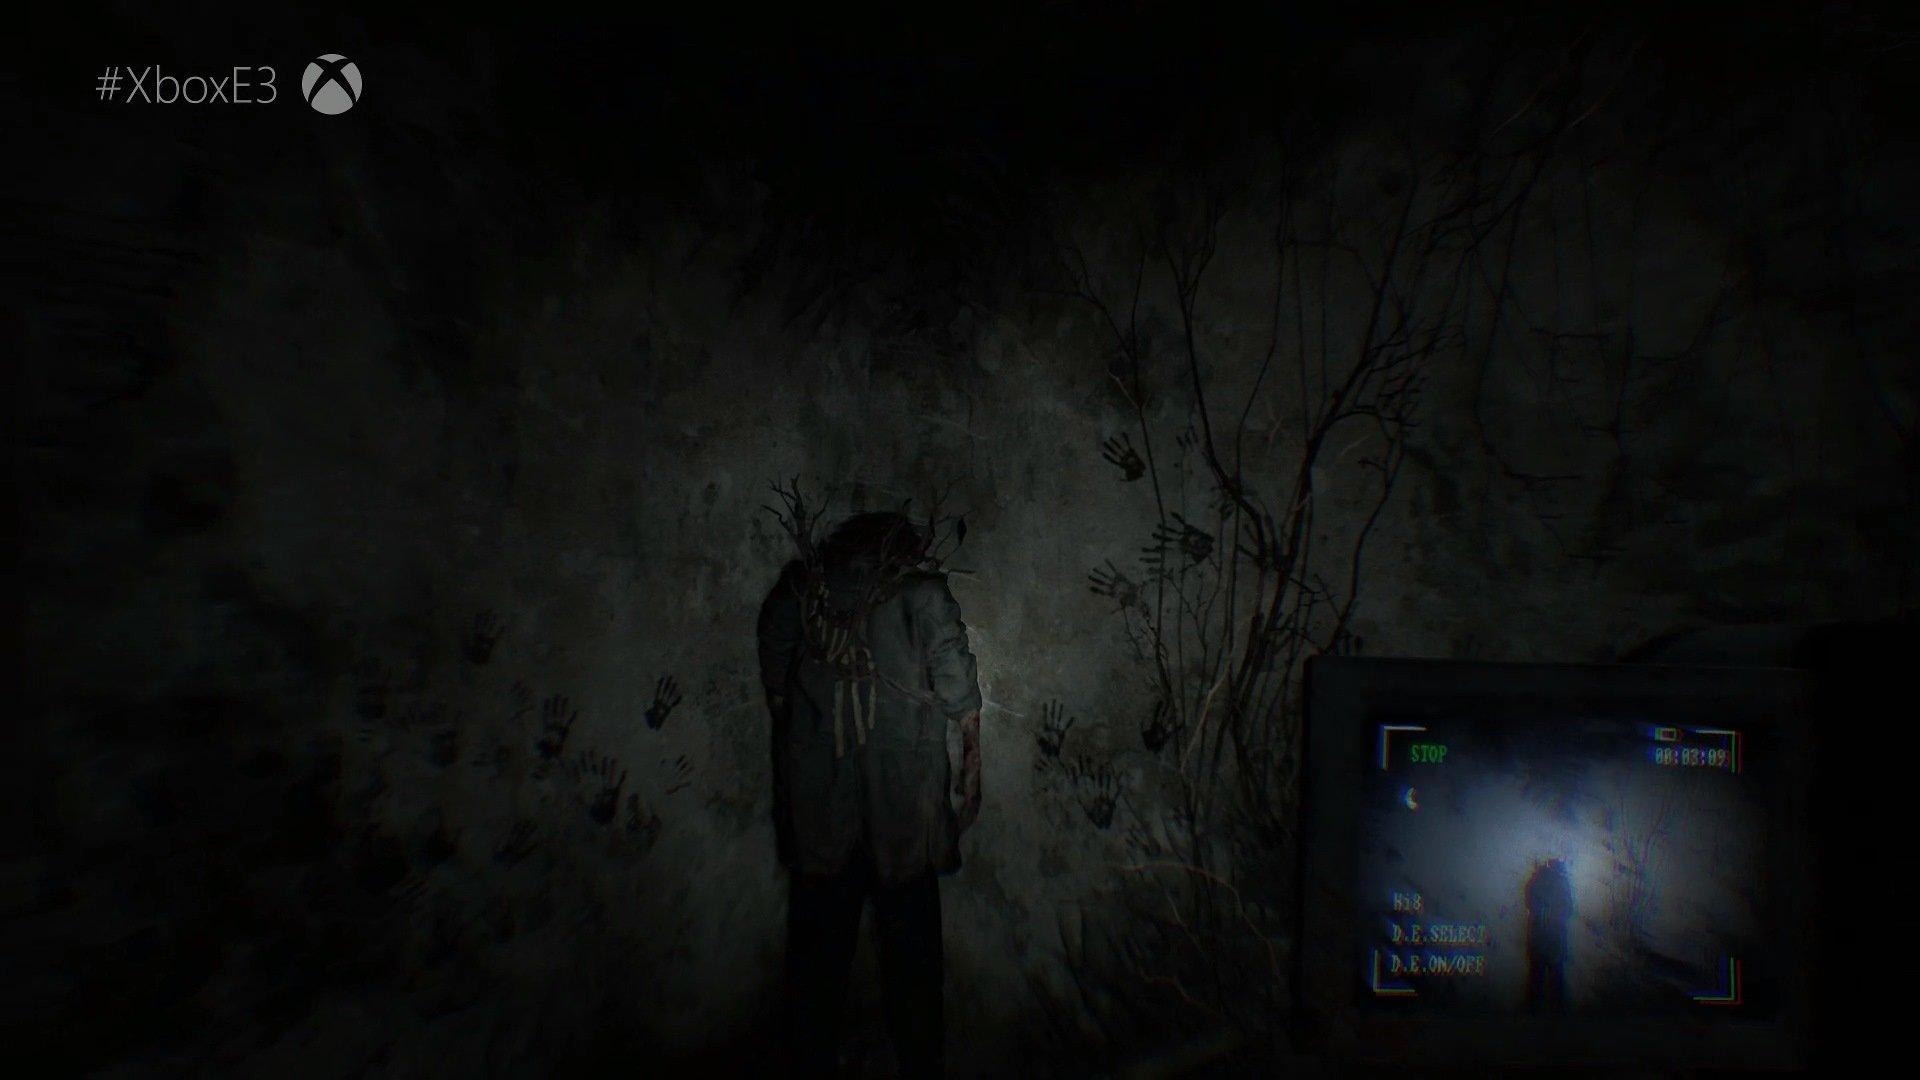 Il y a un jeu vidéo de Blair Witch, voici la bande-annonce